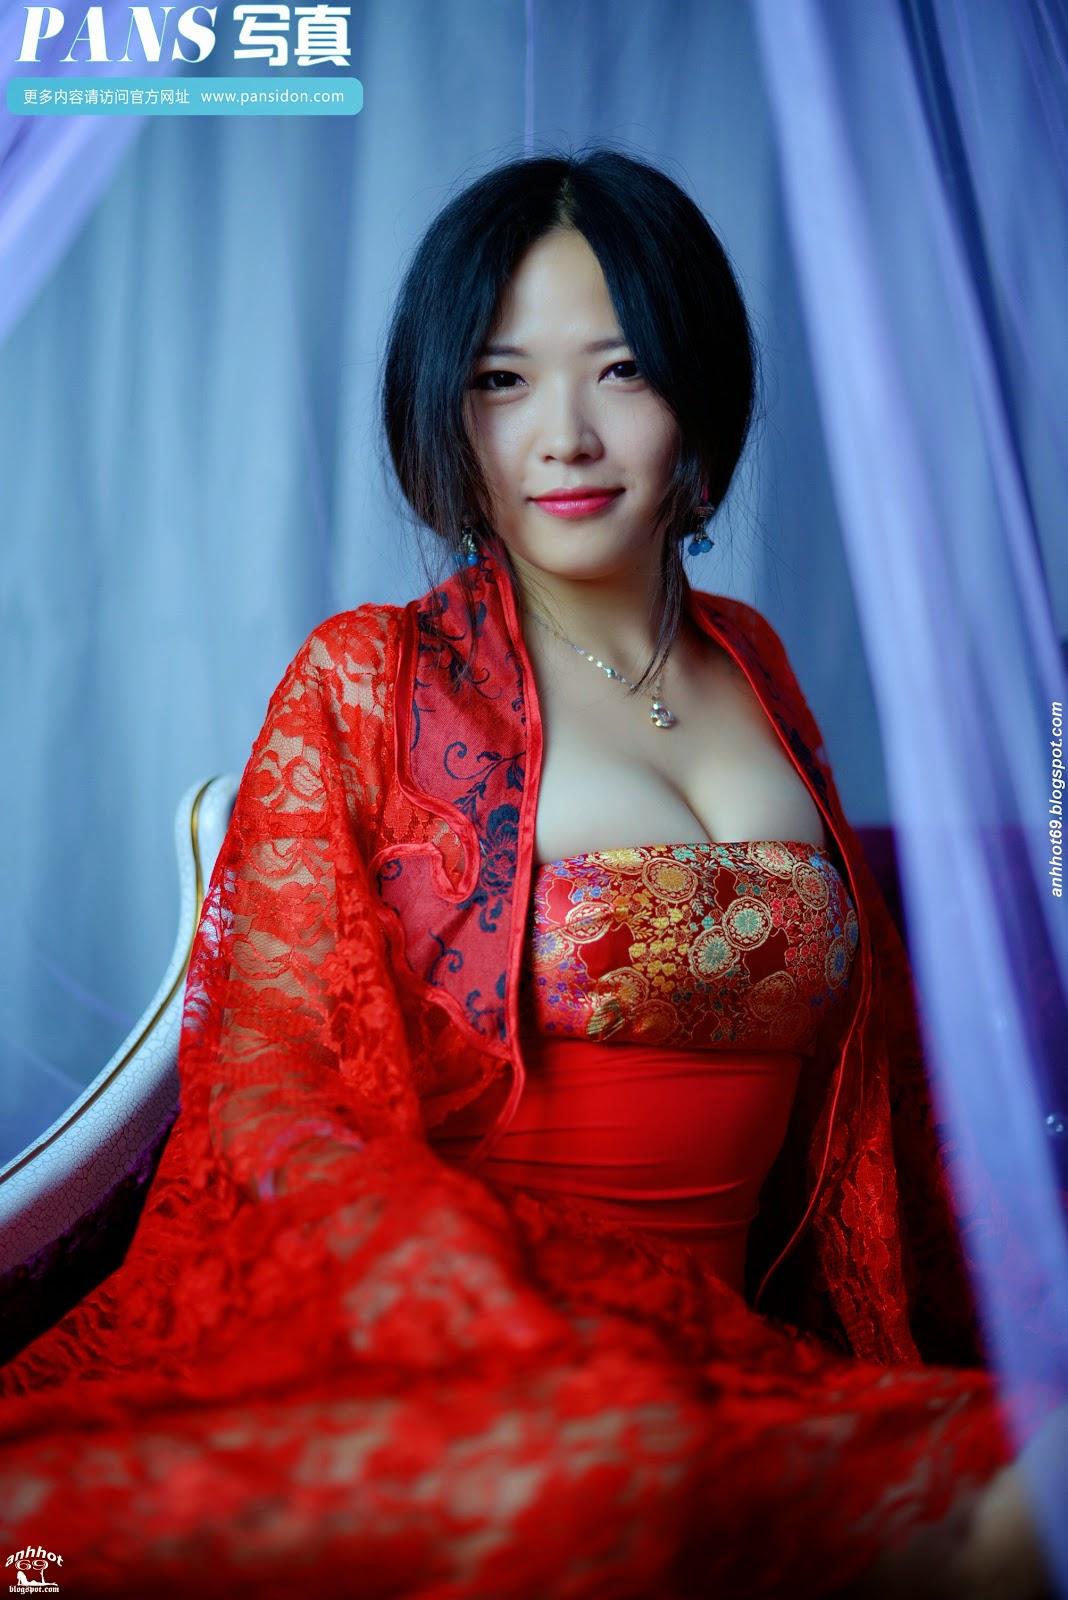 yuhan-pansidon-02851556